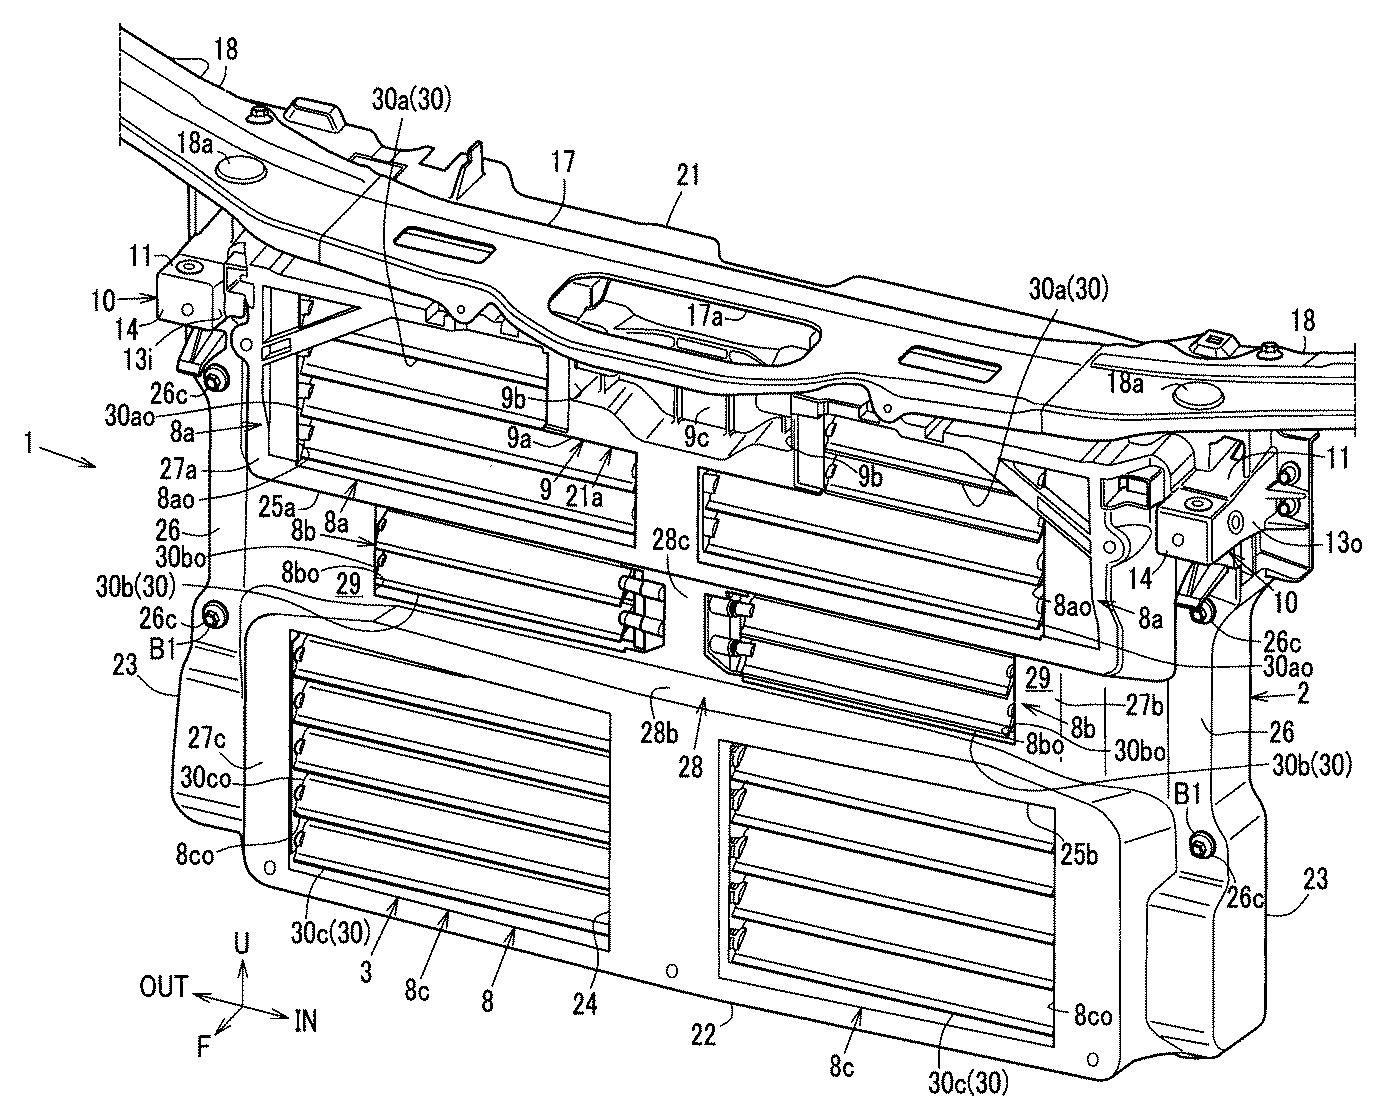 マツダ、グリルシャッタ取付構造に関する特許を取得